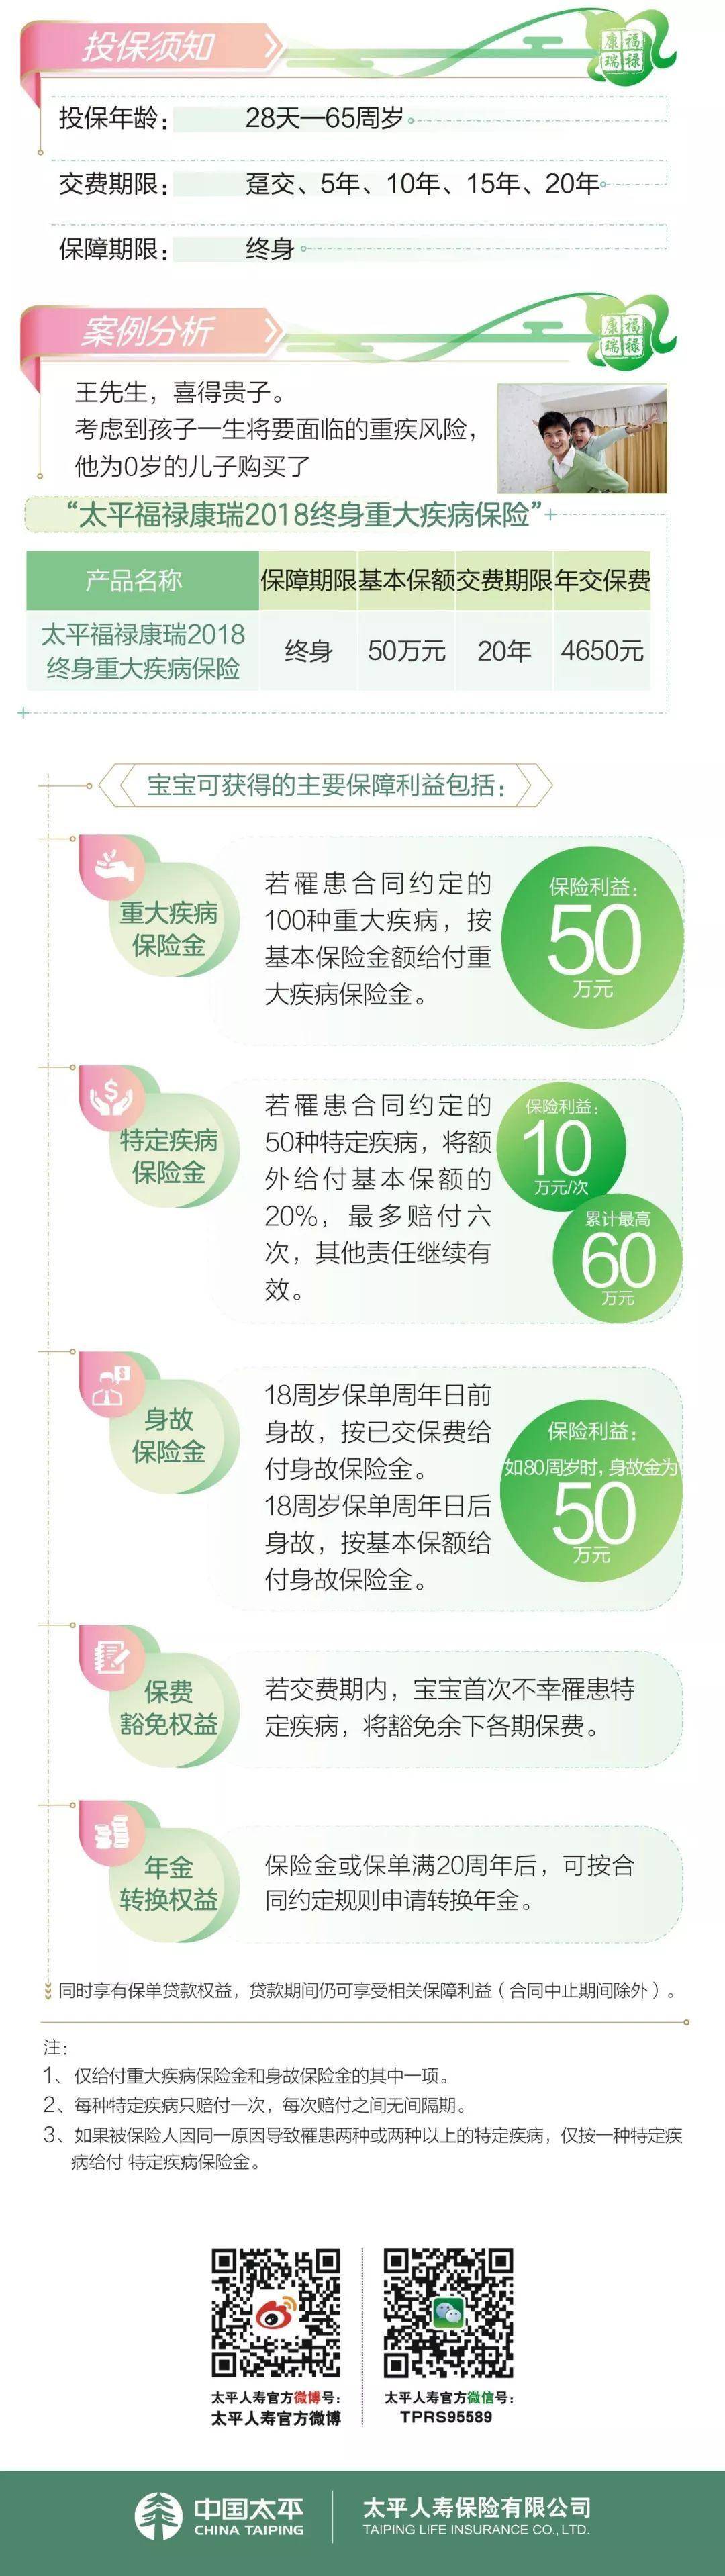 太平福禄康瑞2018终身重大疾病保险条款.PDF 全文可读